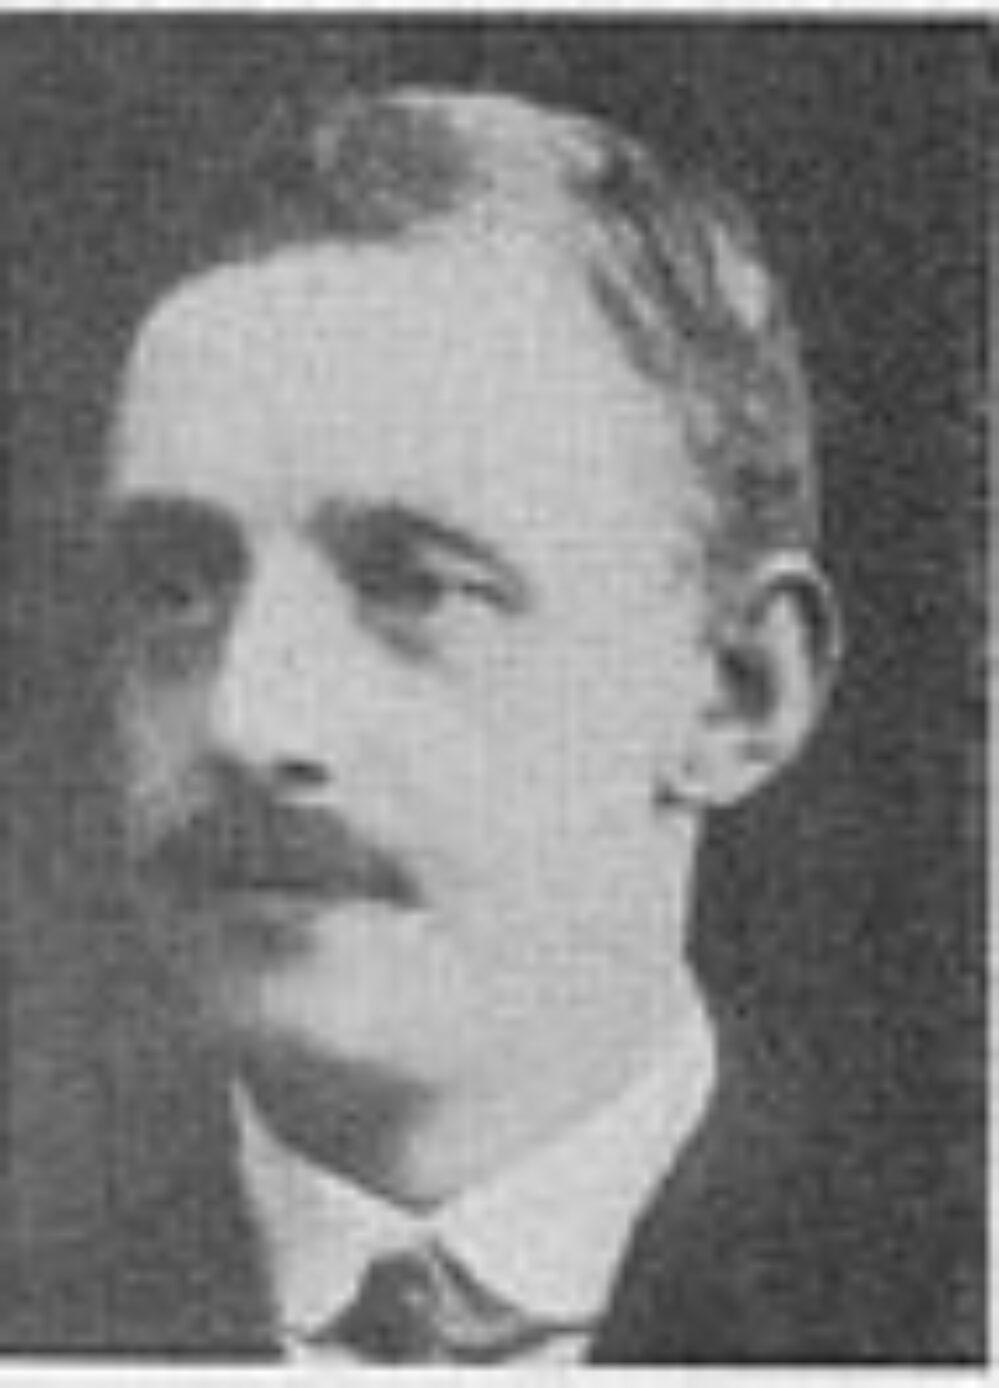 Petter Martinus Quitzau